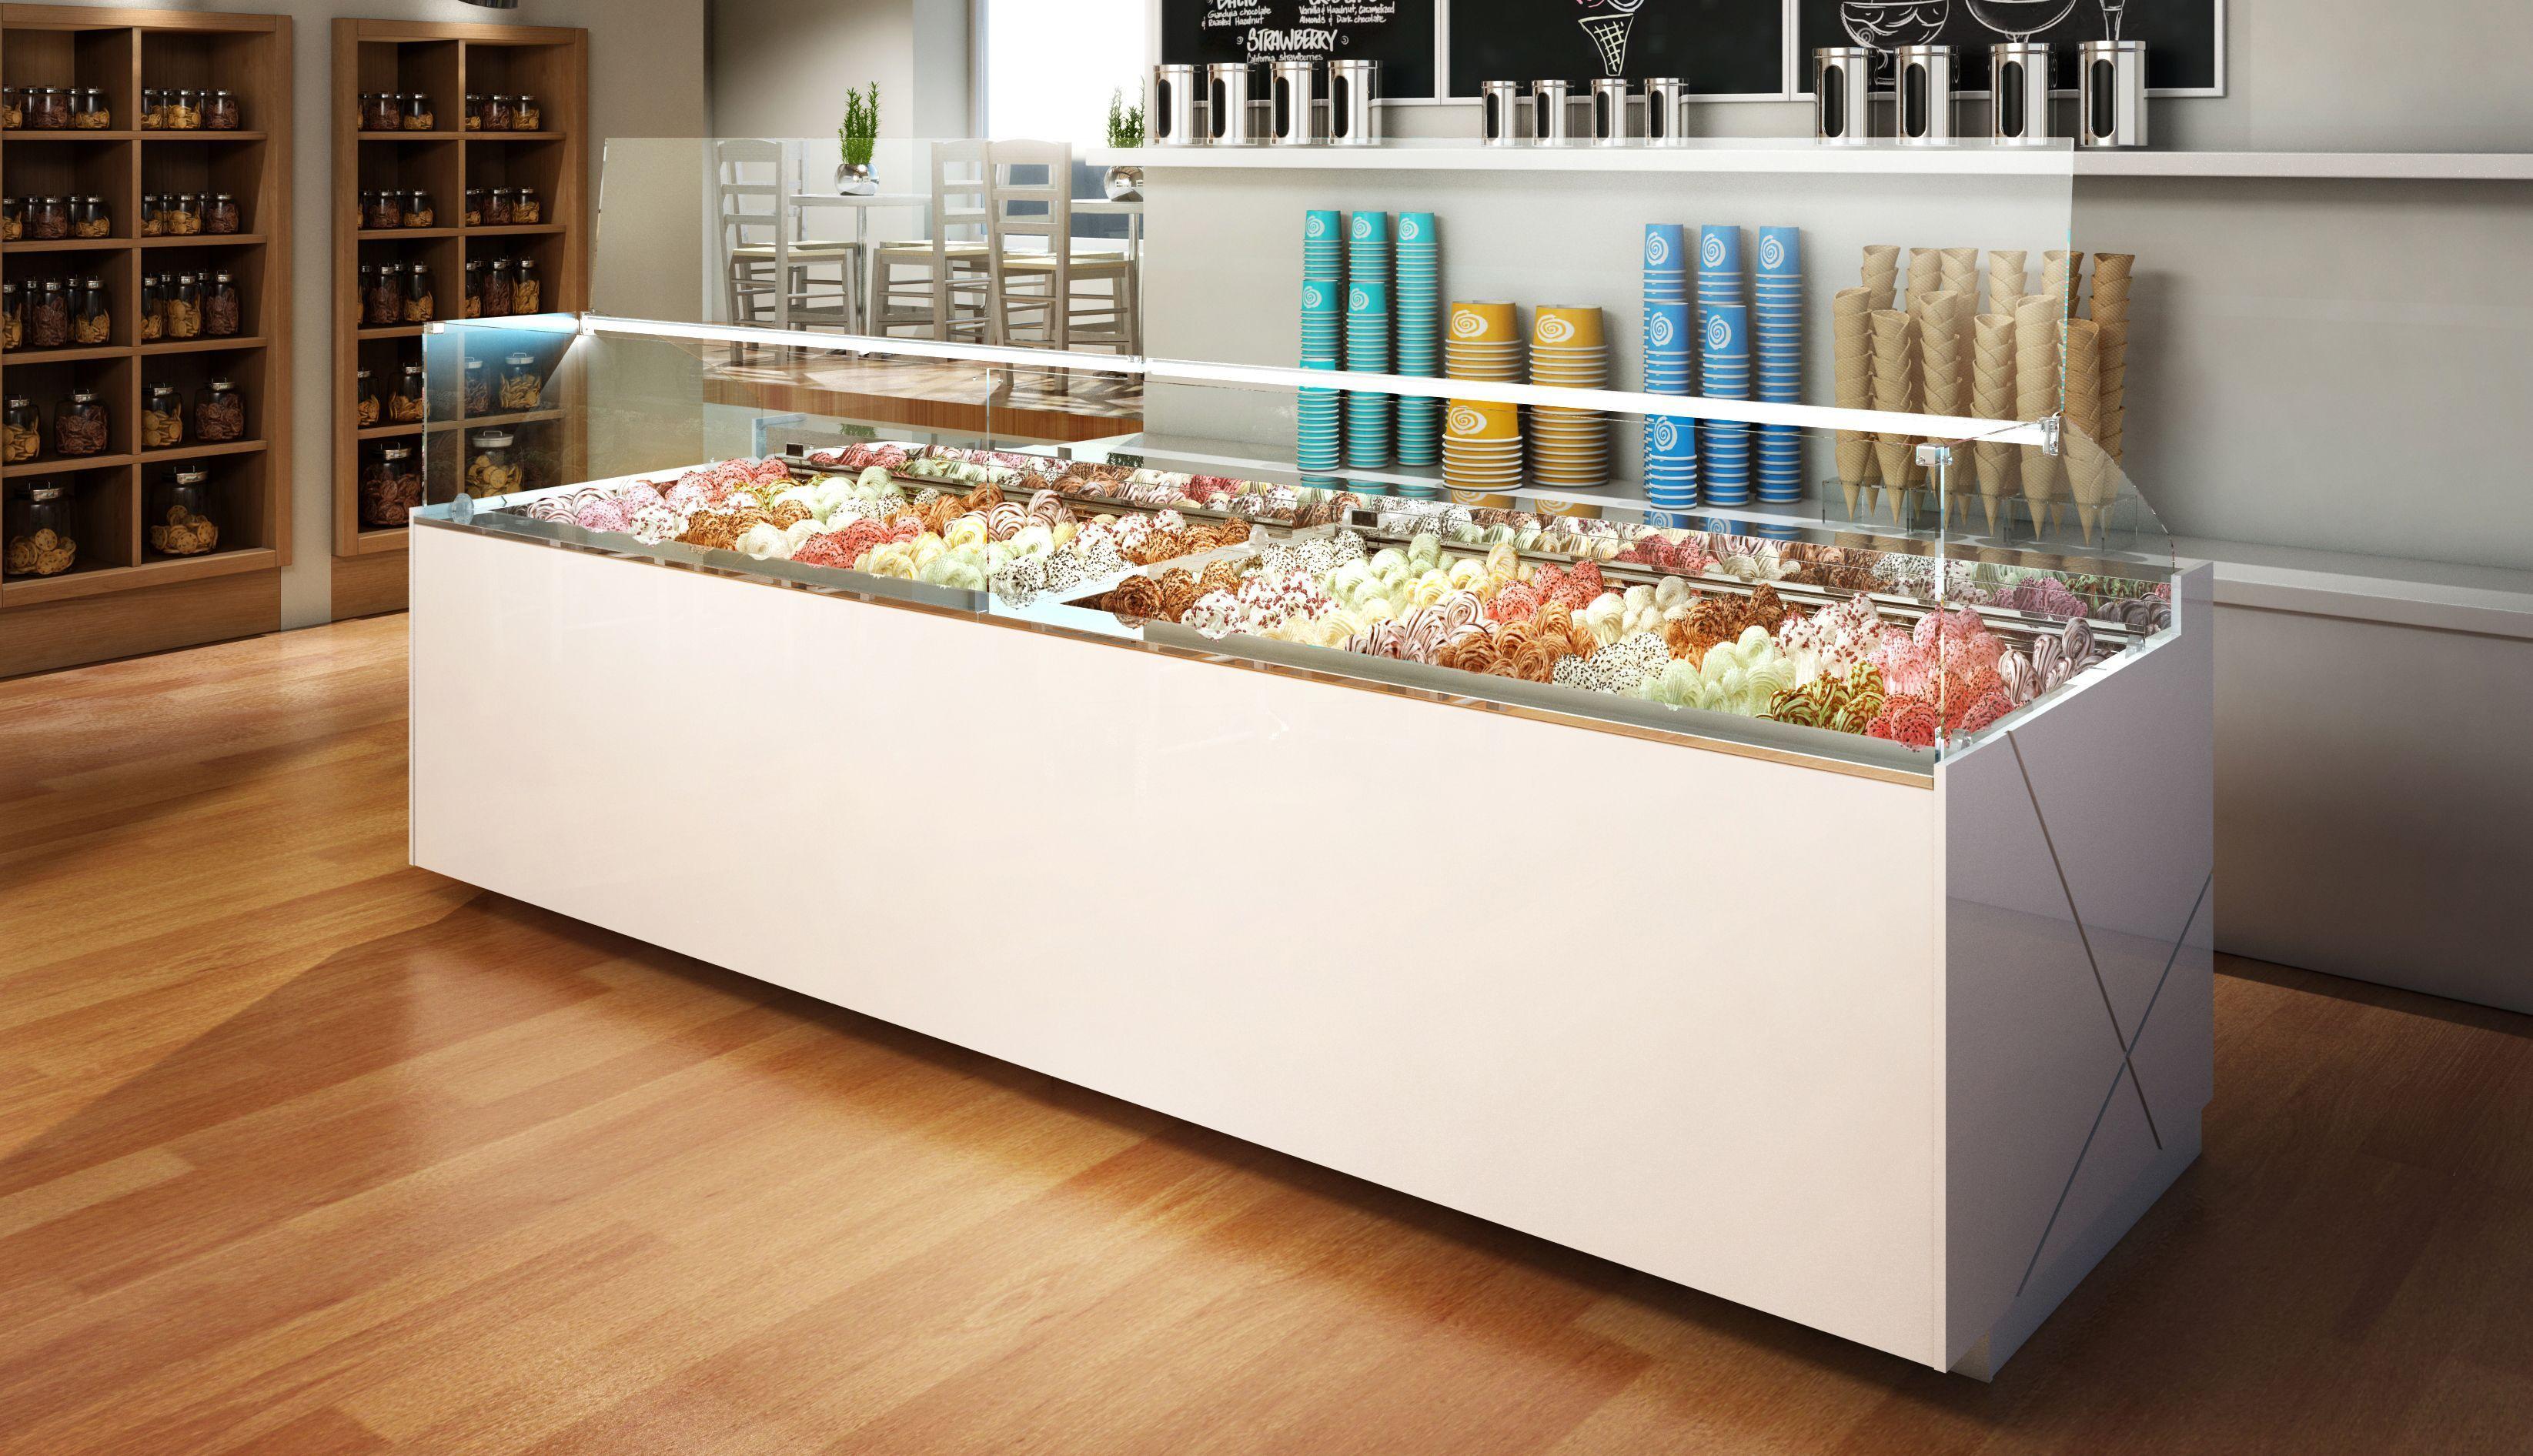 vitrinas refrigeradas - vitrinas helado - grupo granita